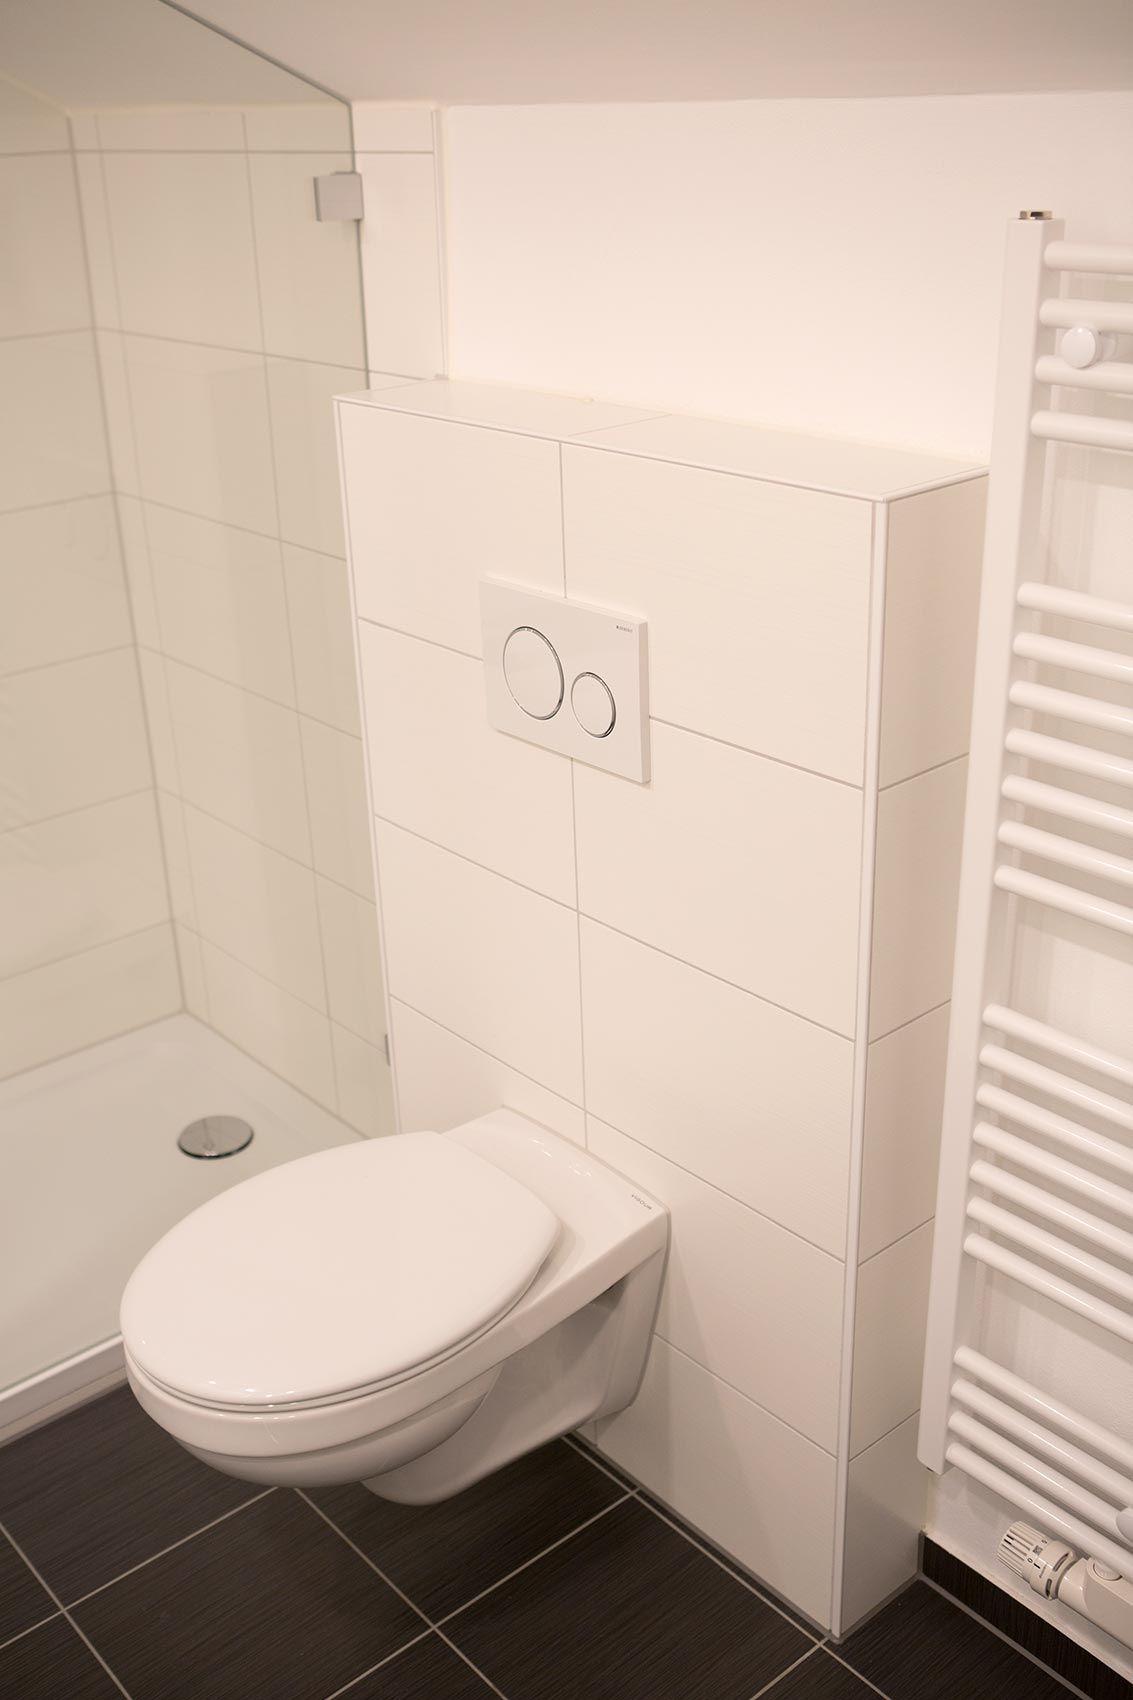 wandhängendes wc vor weiß gefliester vormauerung, fußboden mit